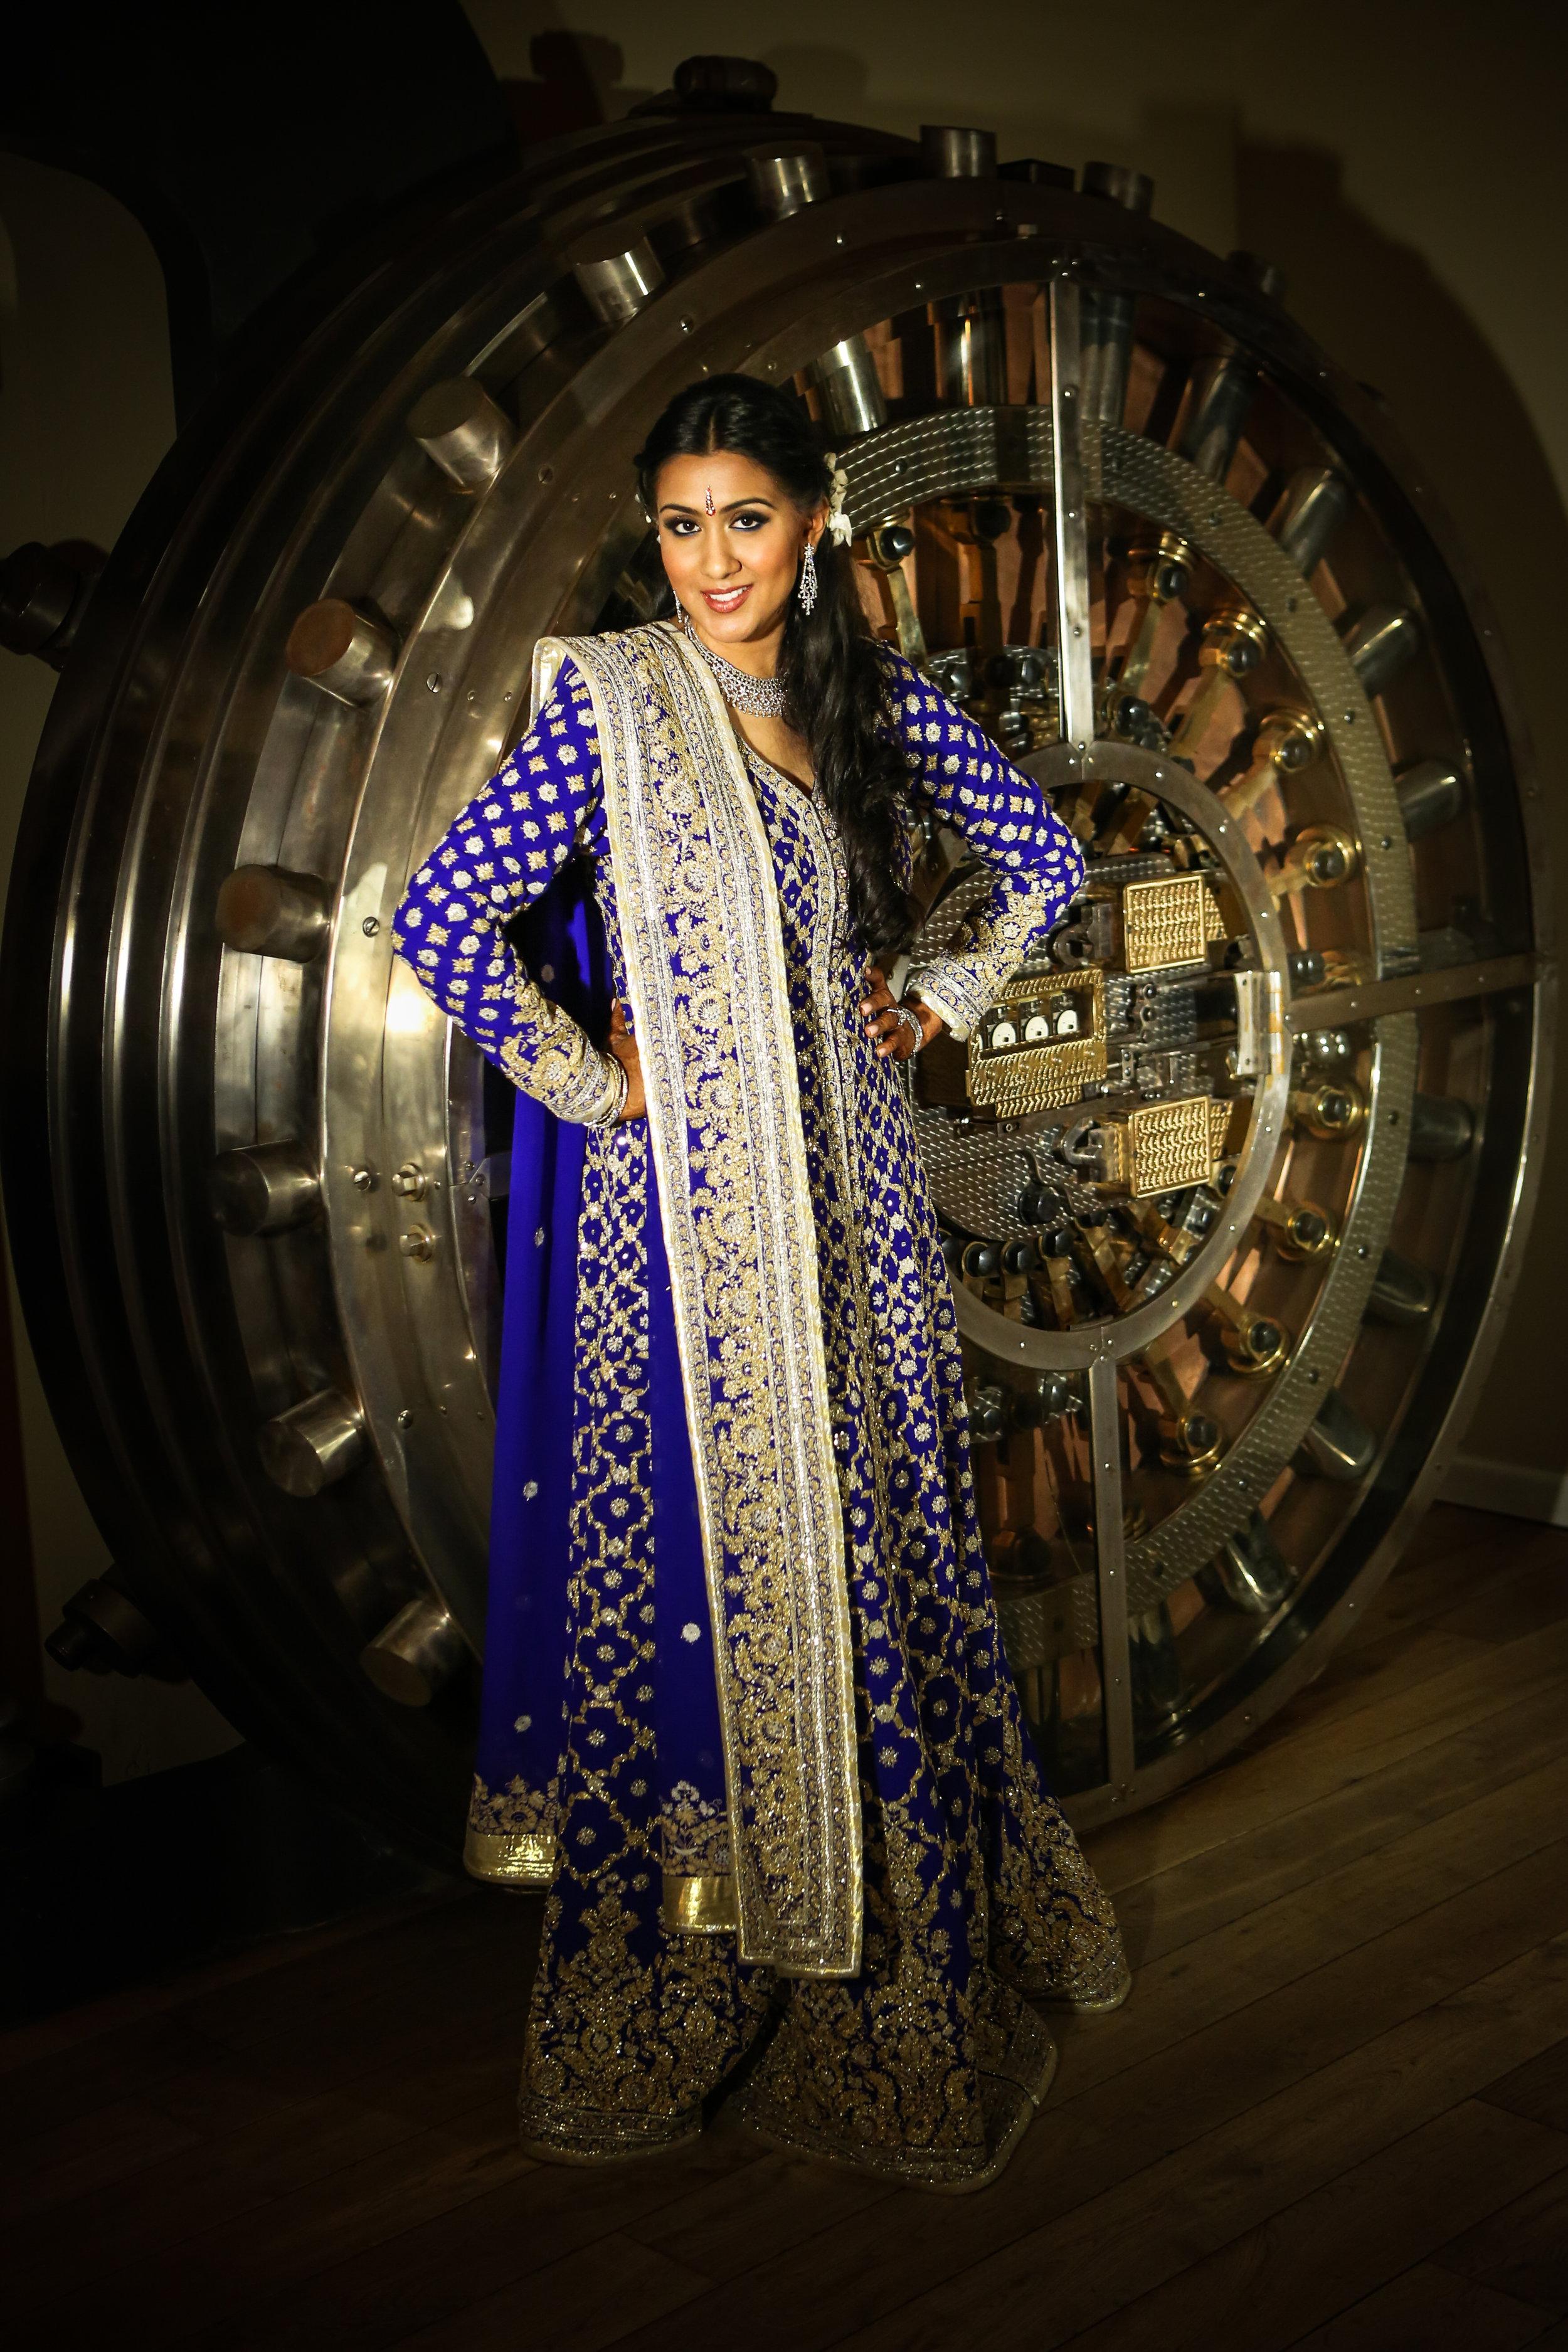 Beautiful Indian Woman at Large Safe